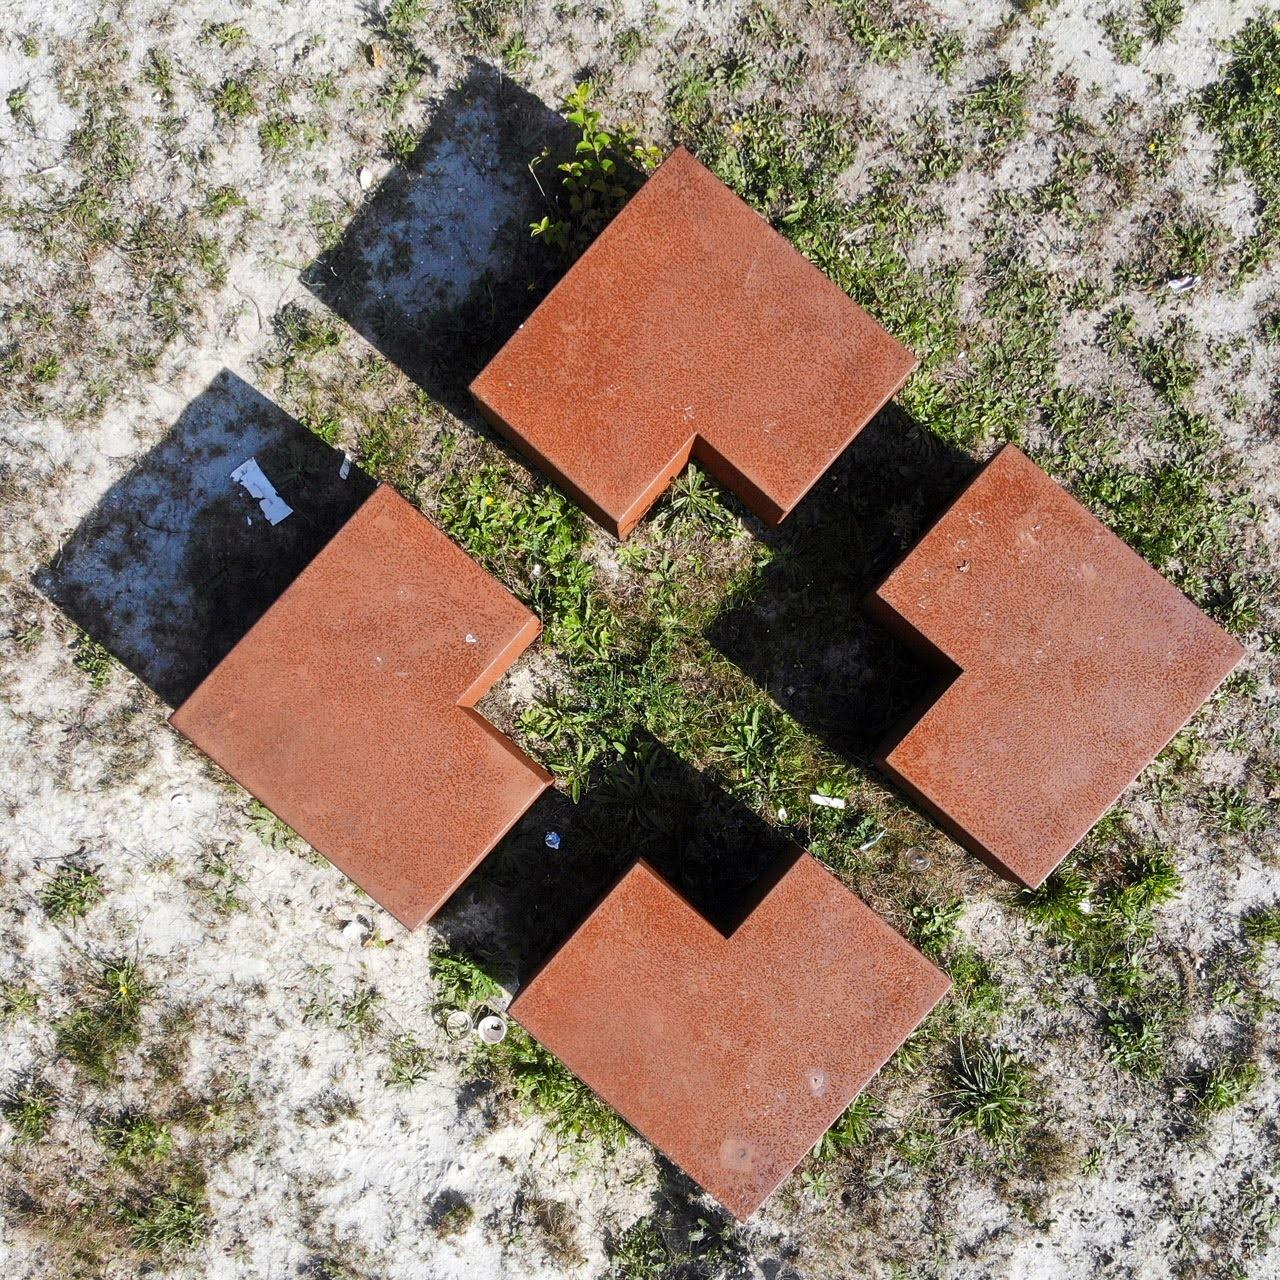 Met z'n vieren - Kunst in de bossen bij Dorst - foto door fotorik op 10-04-2021 - locatie: 4849 Dorst, Nederland - deze foto bevat: rechthoek, weg oppervlak, gras, steen, lettertype, kunst, materiële eigenschap, tinten en schakeringen, kruis, stedelijk ontwerp